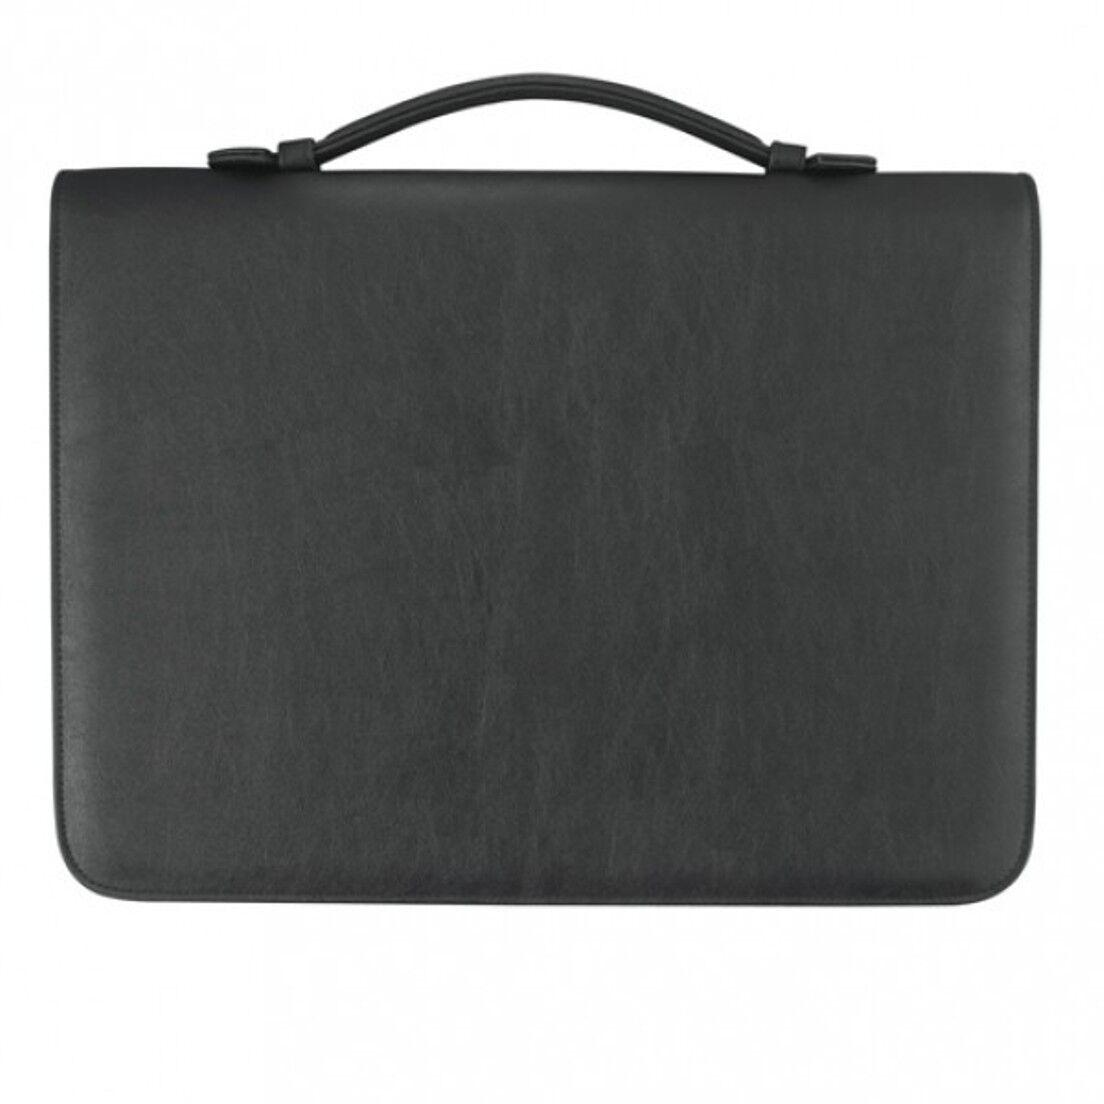 Verkaufsmappe A4 mit Reißverschluss, Kunstleder schwarz - von FIHA-Promotion | Zuverlässige Qualität  | Ich kann es nicht ablegen  | Ein Gleichgewicht zwischen Zähigkeit und Härte